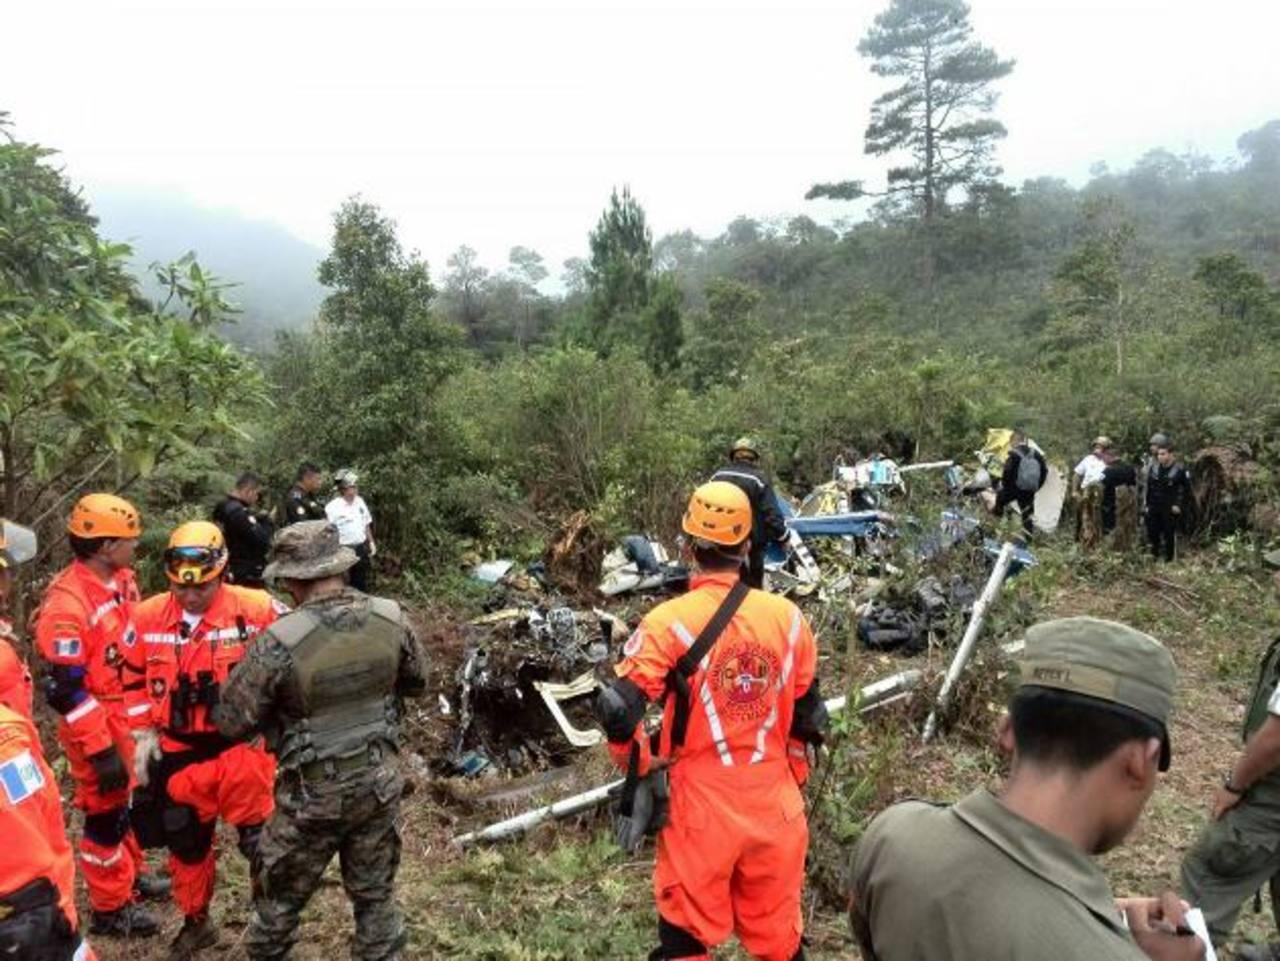 Una brigada de rescatistas especializados y elementos del ejército lograron llegar ayer tarde a la zona de la tragedia. foto edh / ap